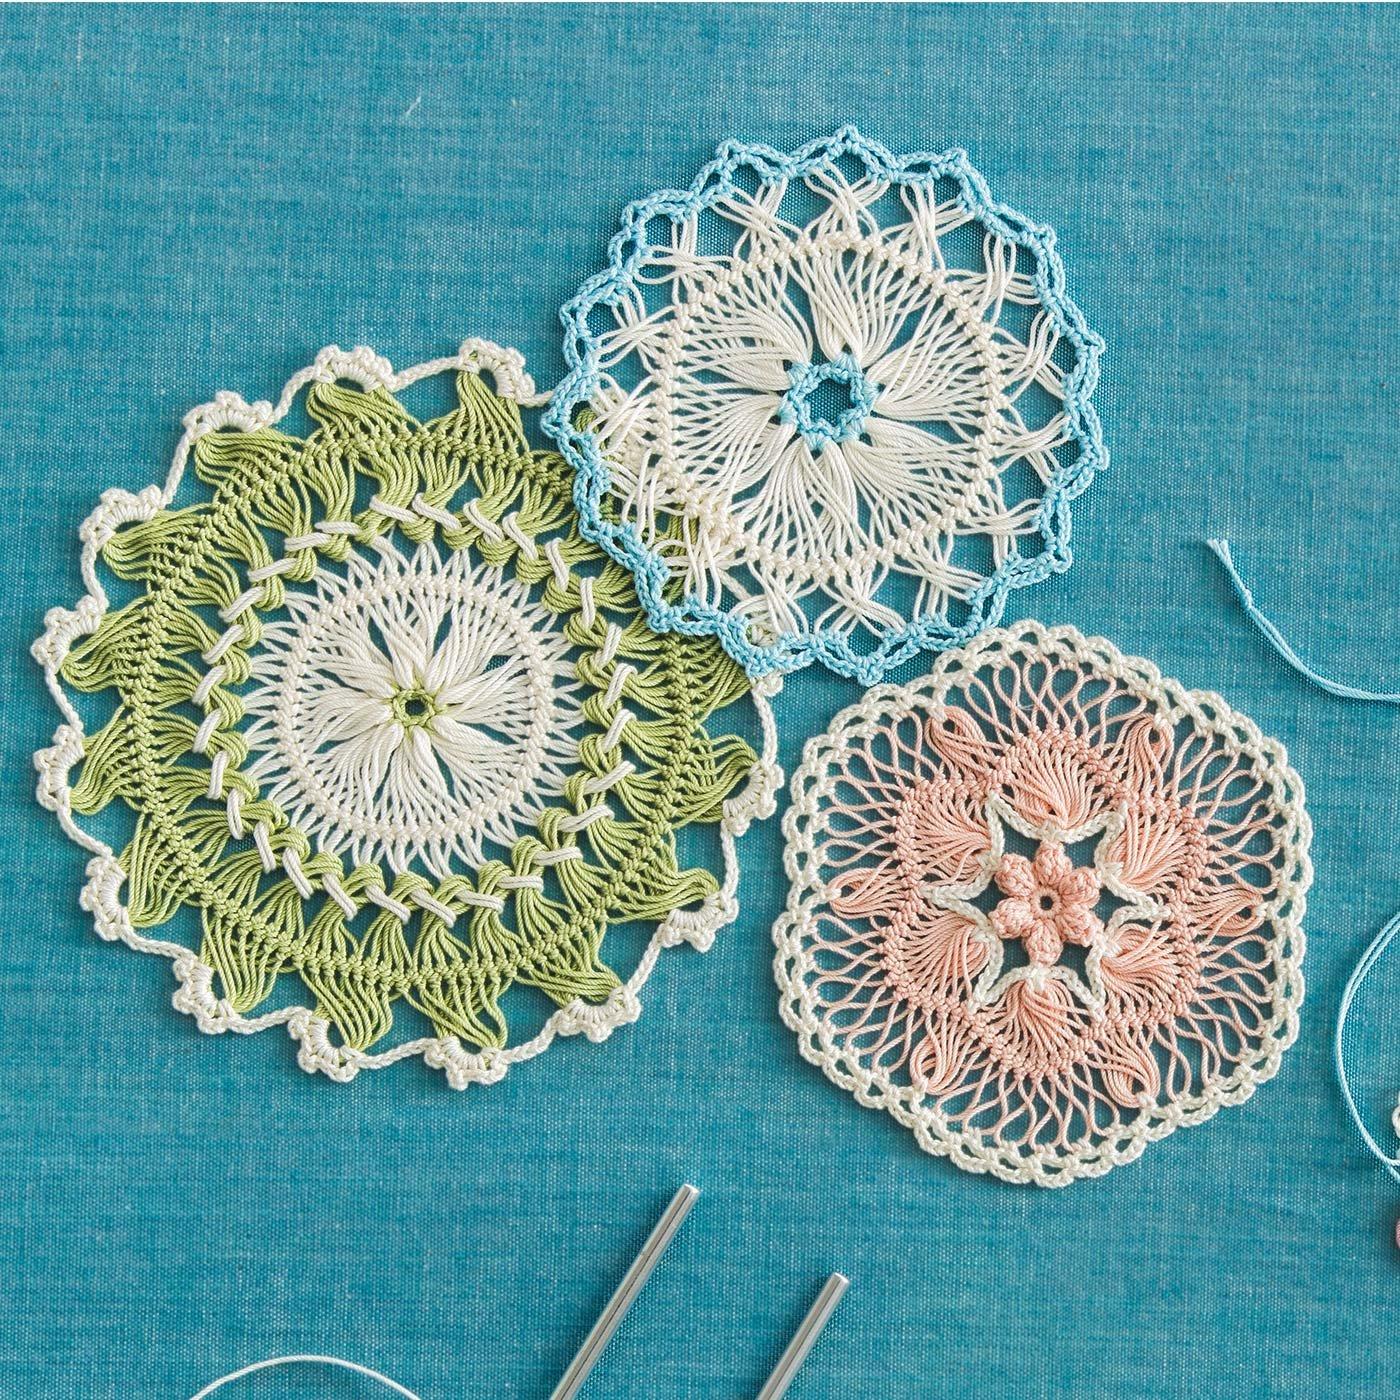 繊細に重なり合う糸が美しい「はじめてさんのきほんのき」ヘアピンレース